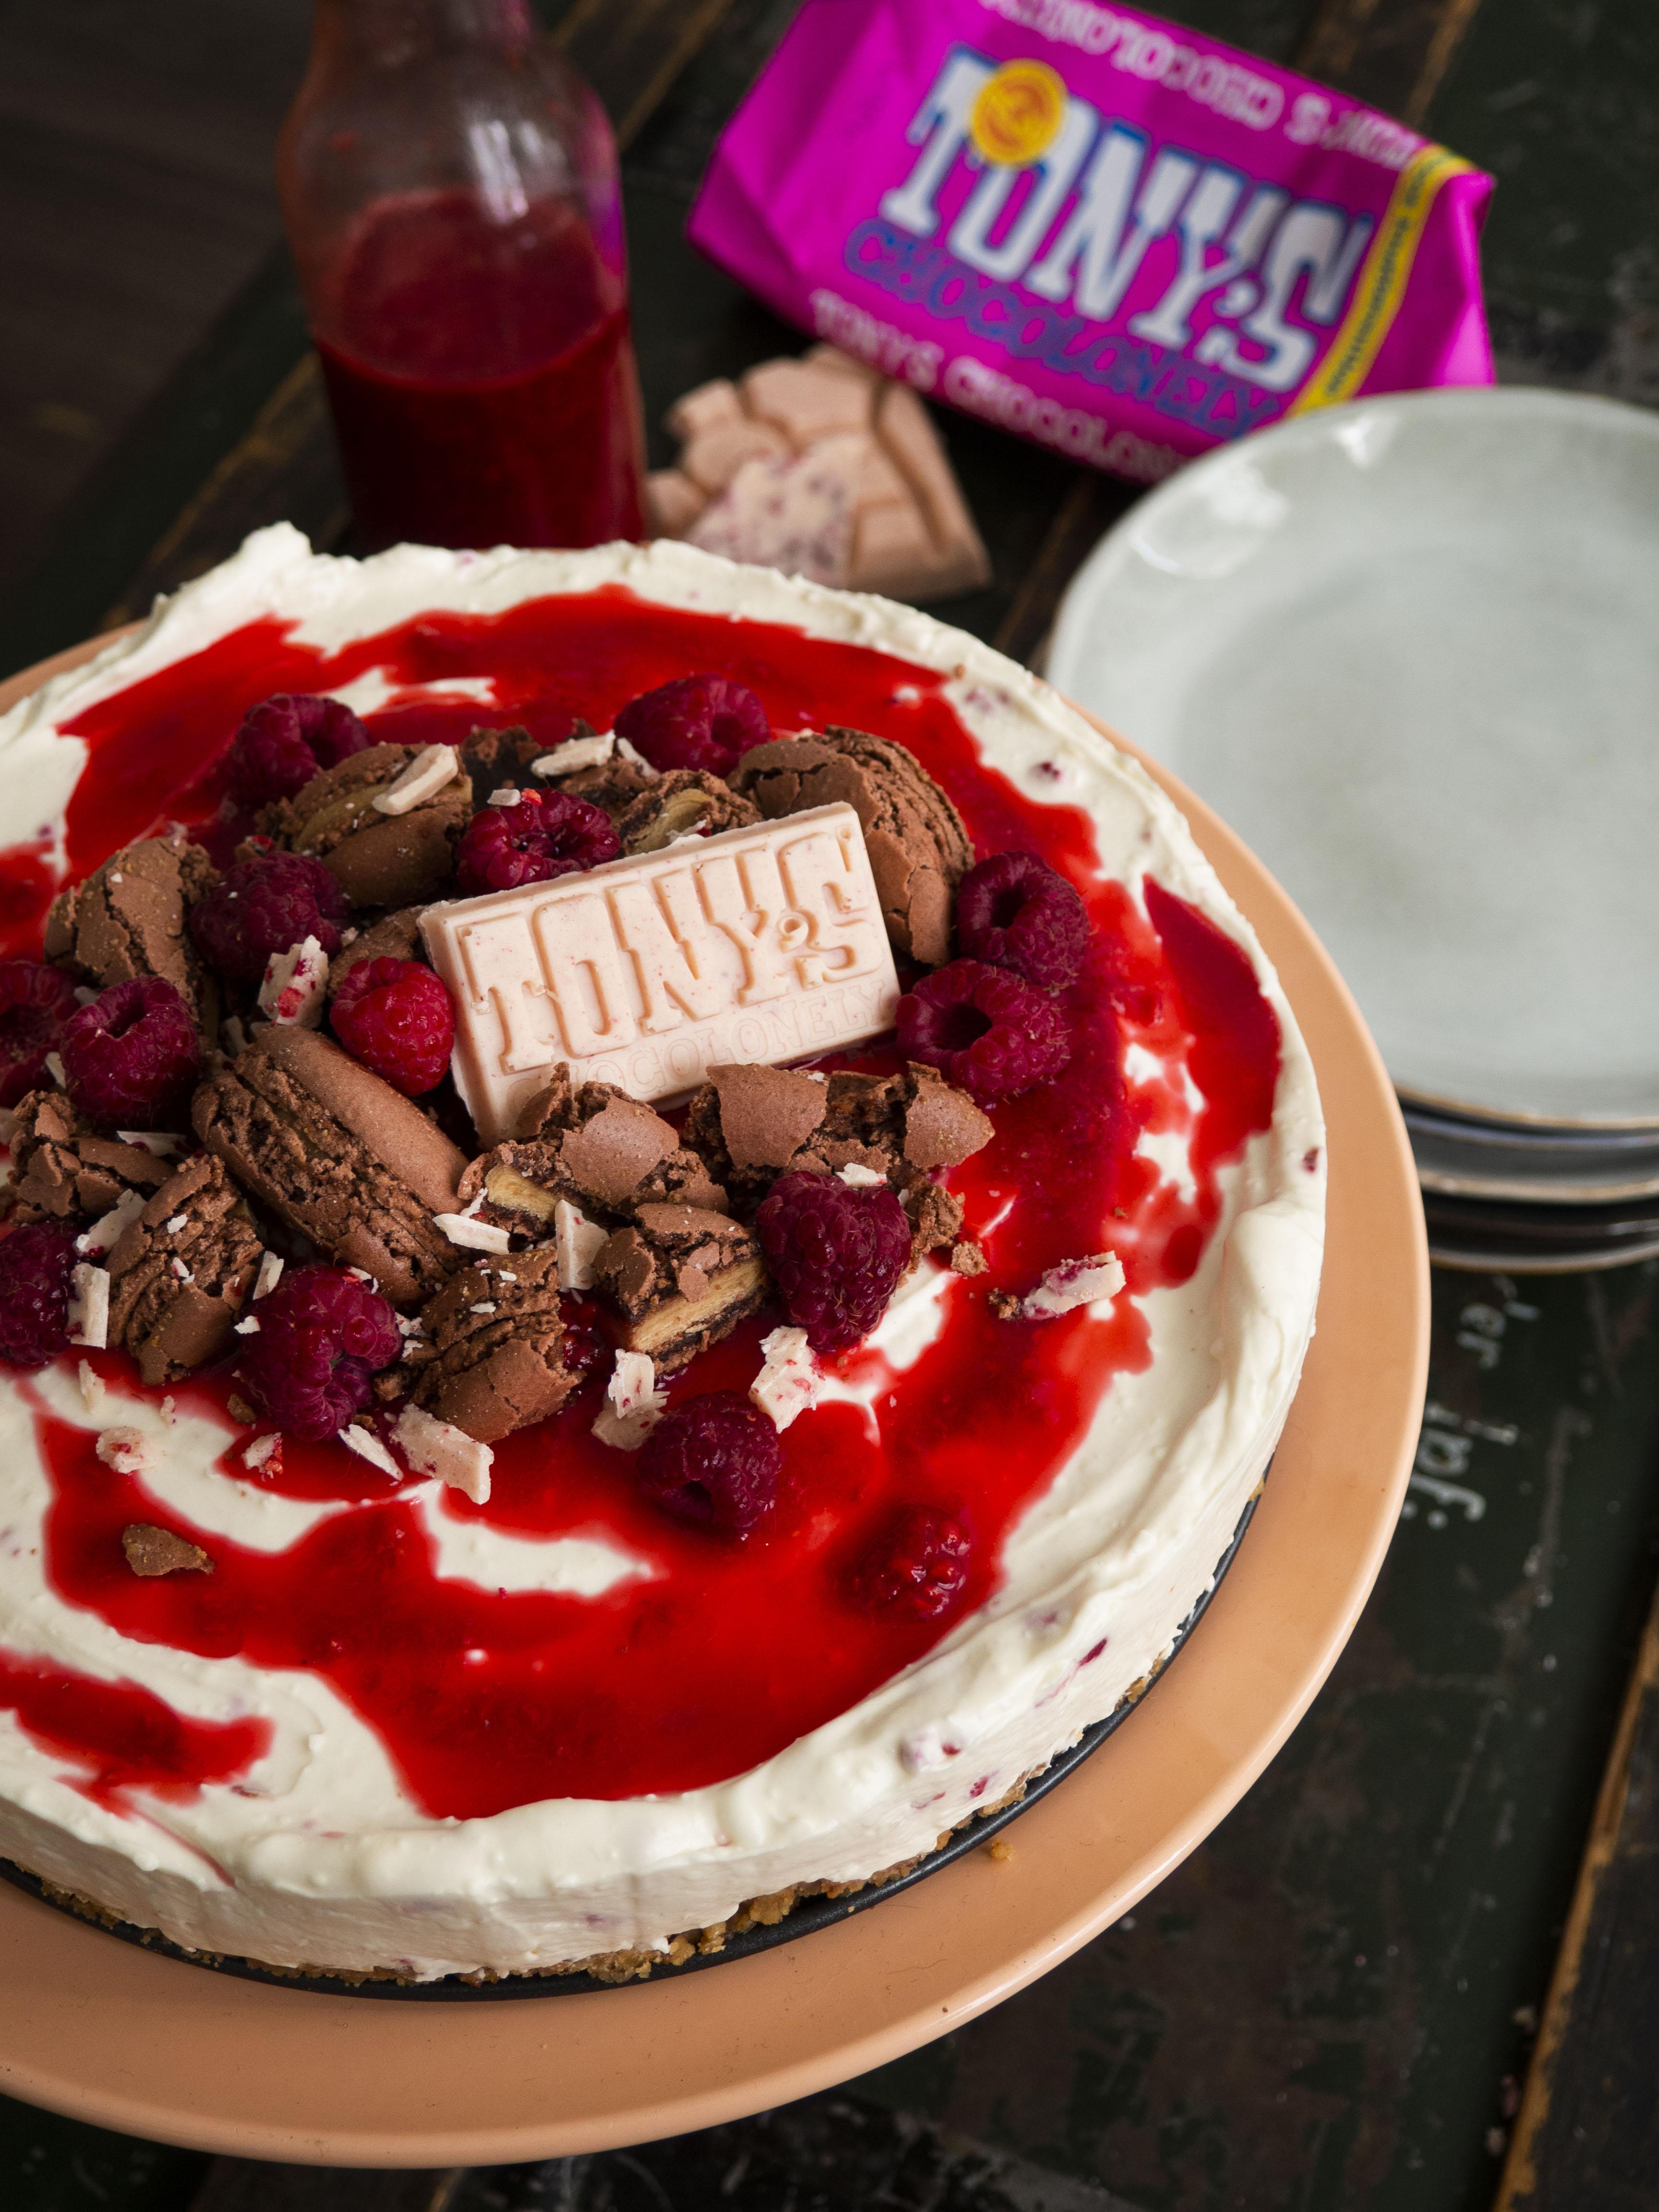 tony's chocolonely chocoladetaart